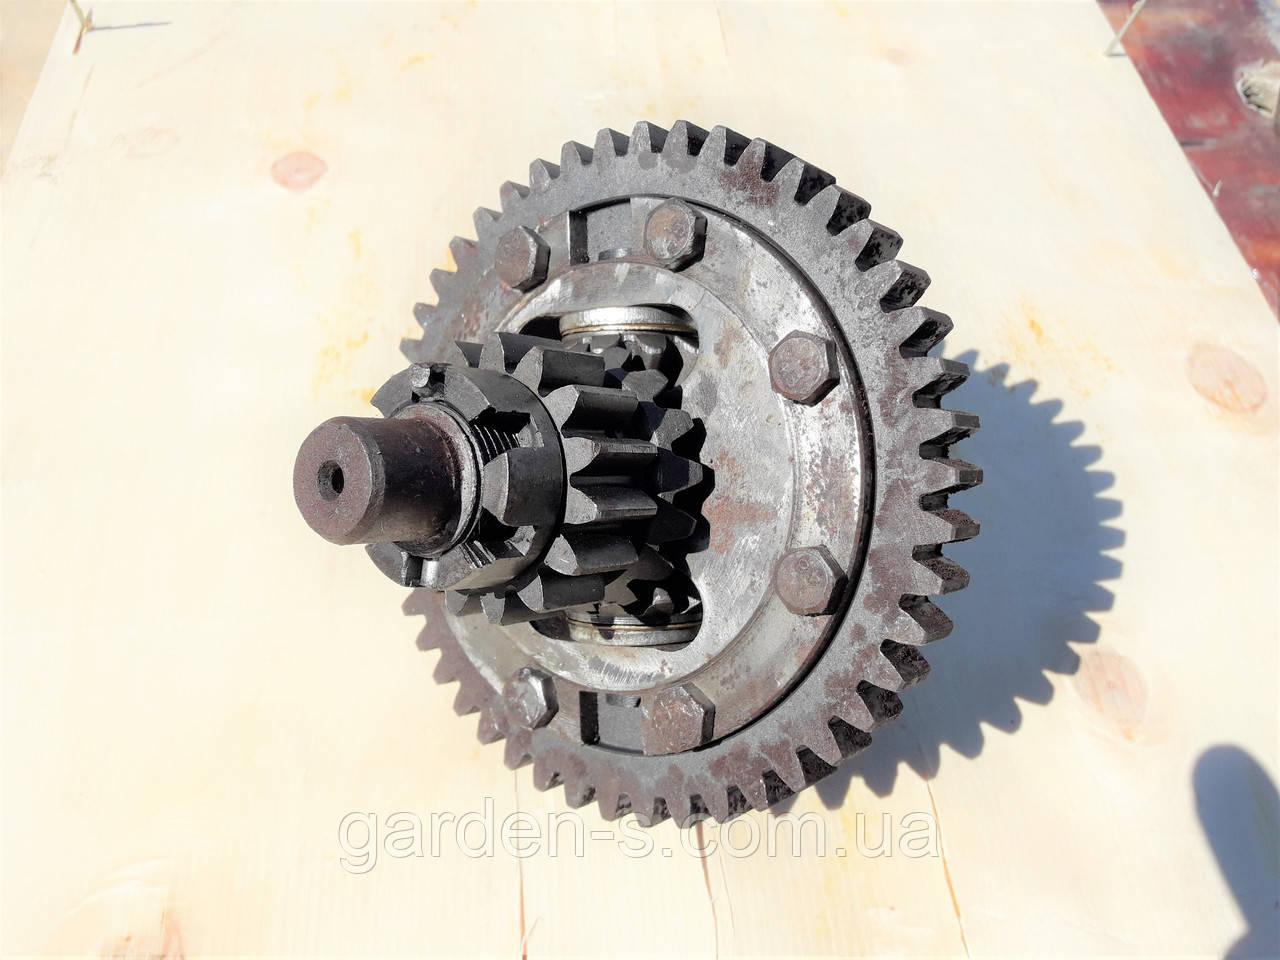 Дифференциал для мототрактора на мототрактор (на болтах)